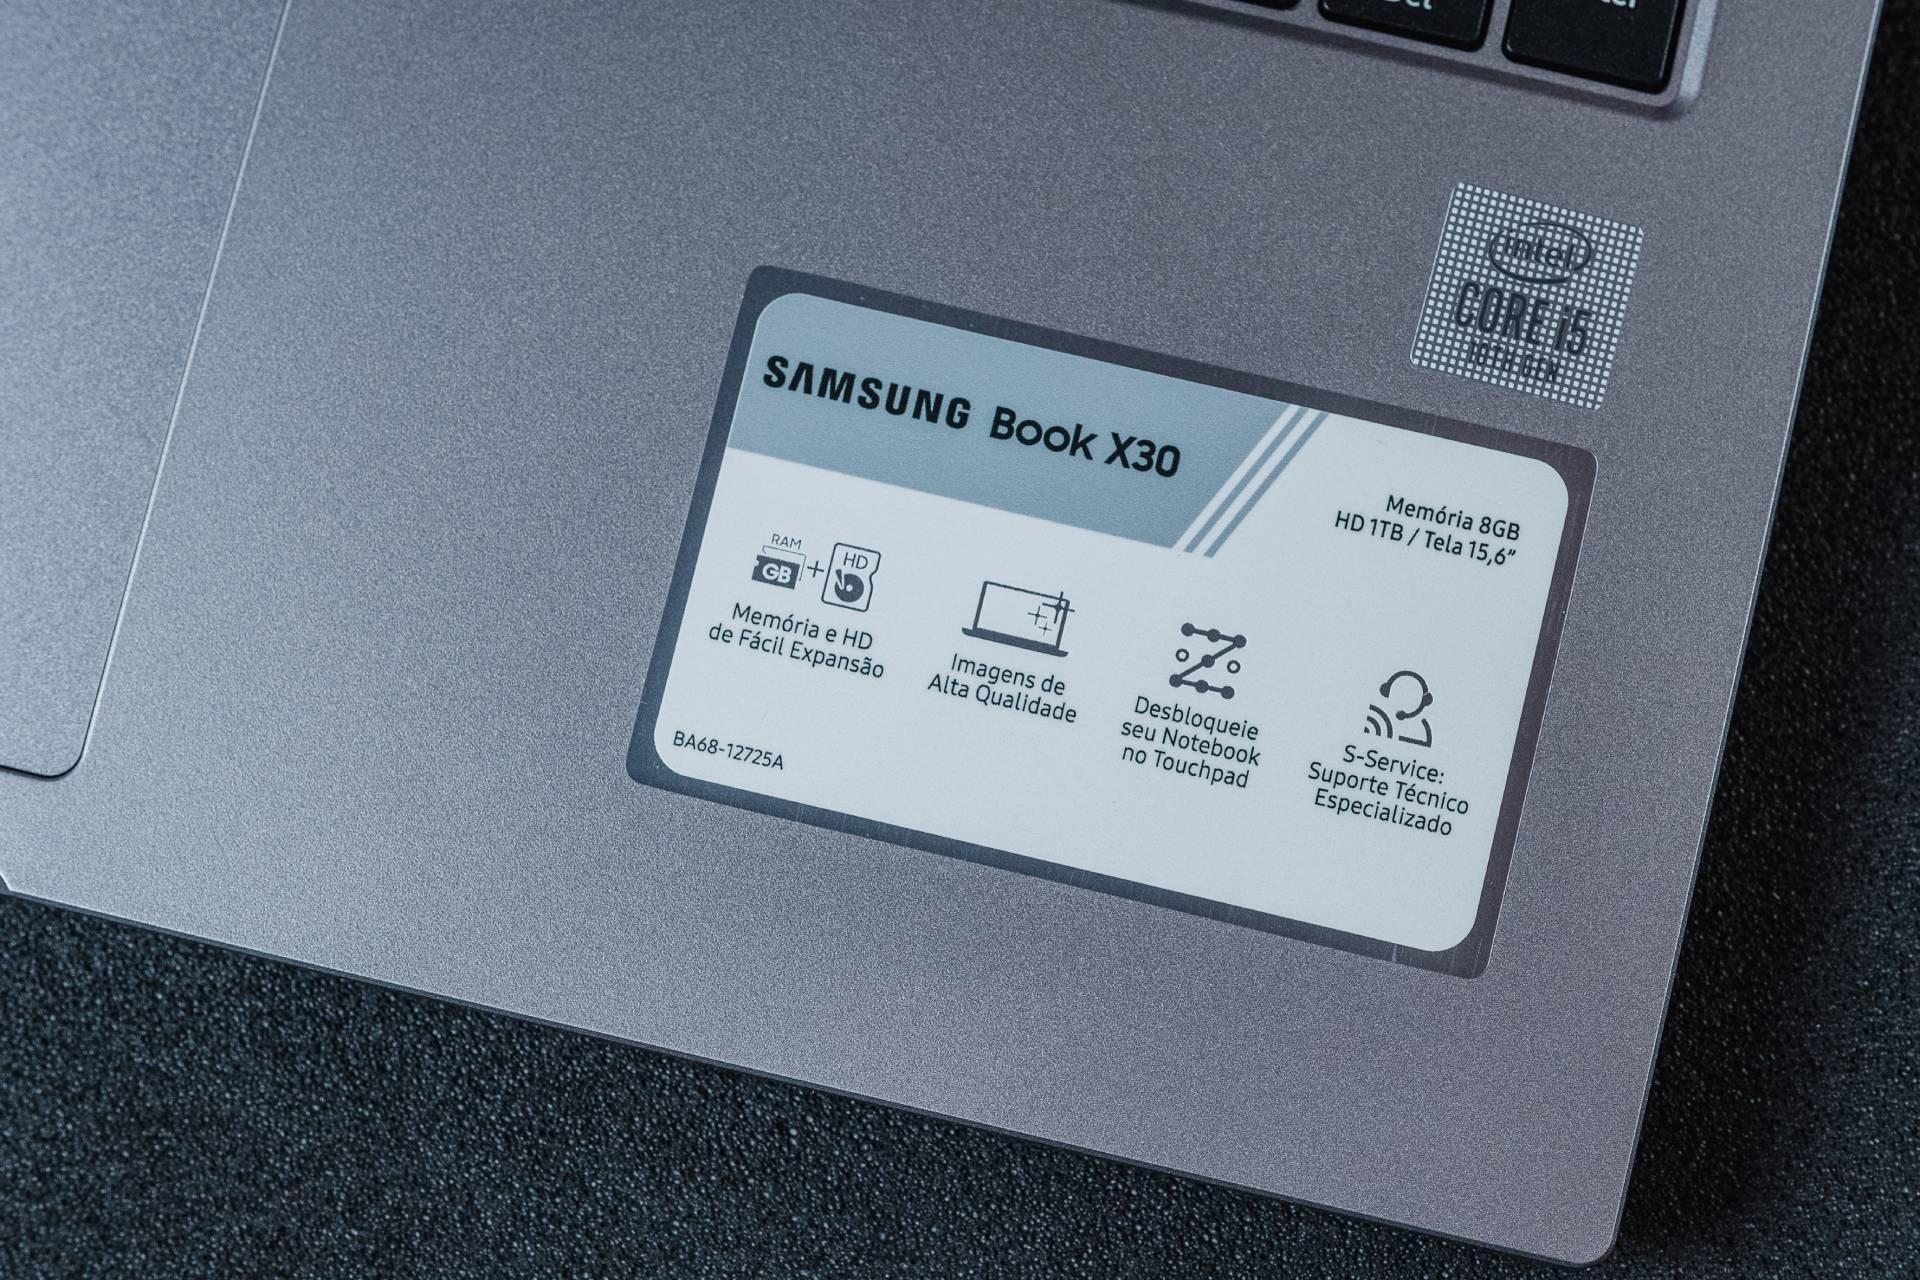 O notebook Samsung Book X30 apresenta boa performance, mas seria melhor ainda se o HD fosse trocado por um SSD